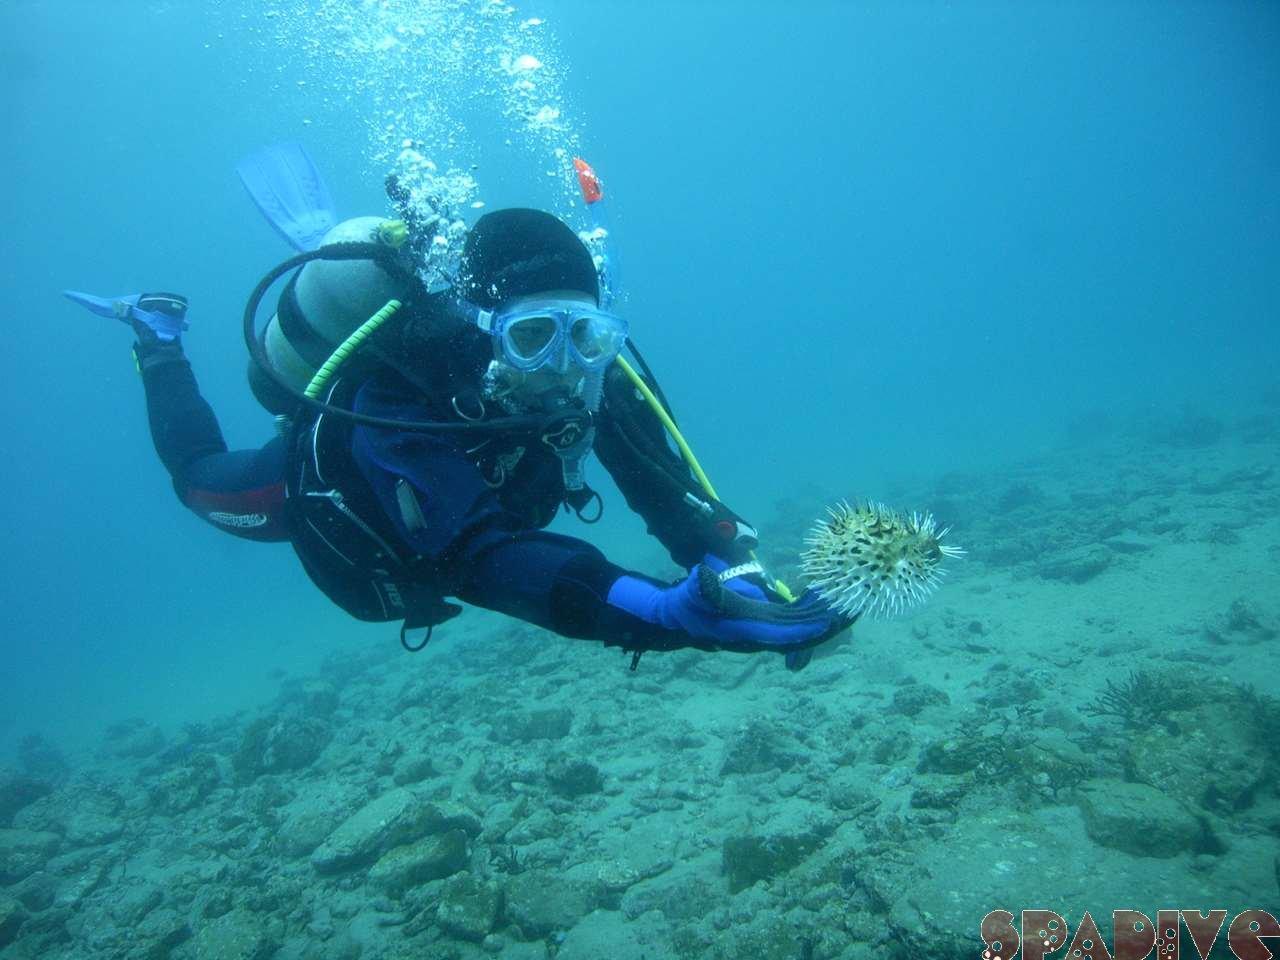 2007年3月撮影海フォトギャラリー 南紀白浜スパダイブ